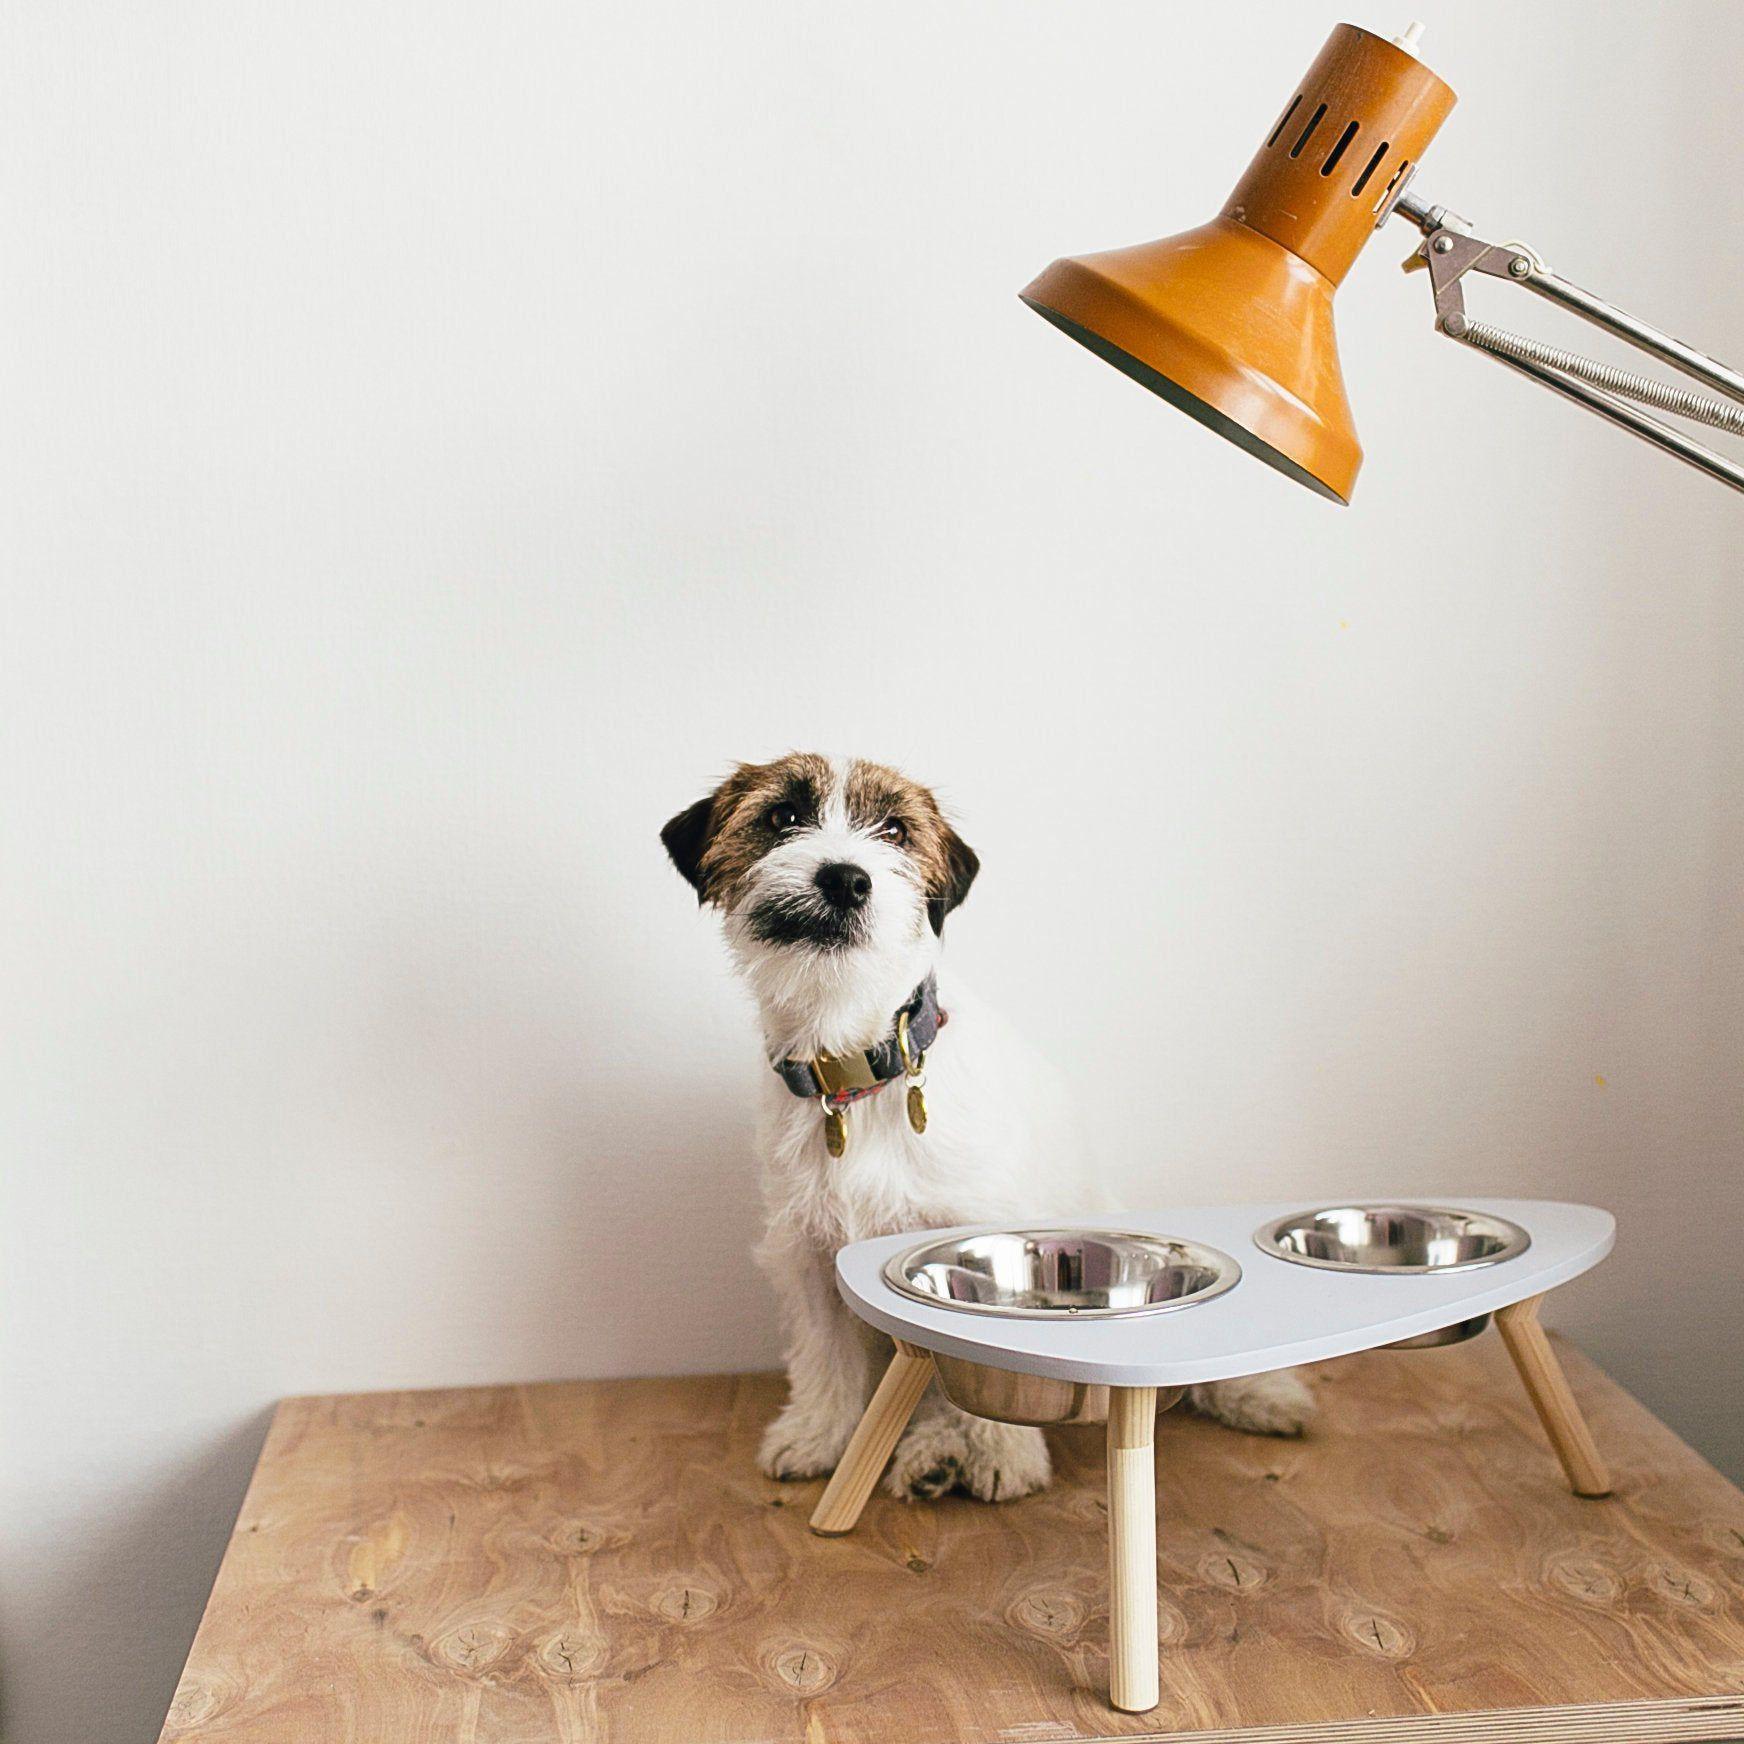 Raised Dog Bowl Mid Century Style Dog feeder Christmas Dog